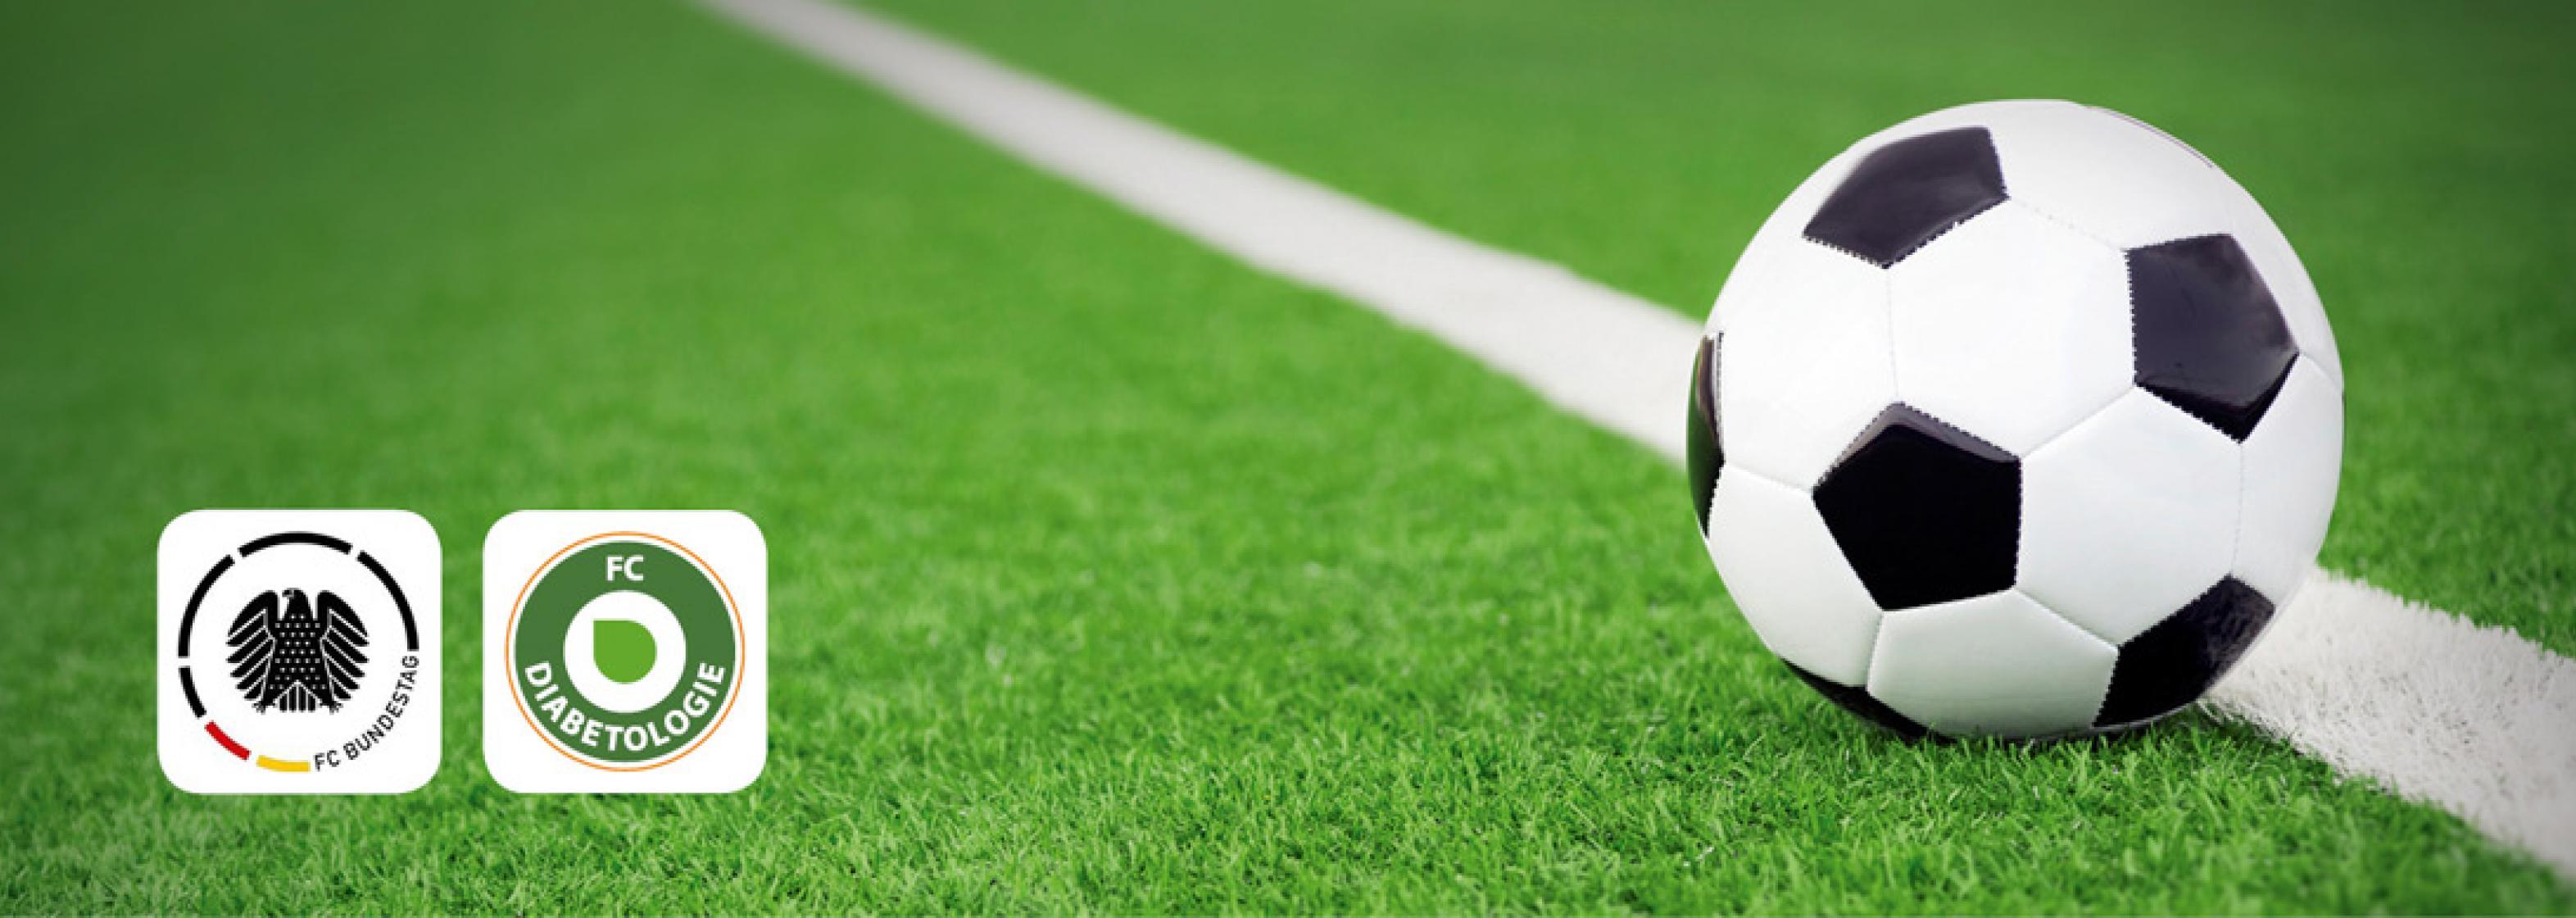 Grafik Fußballspiel FC Bundestag